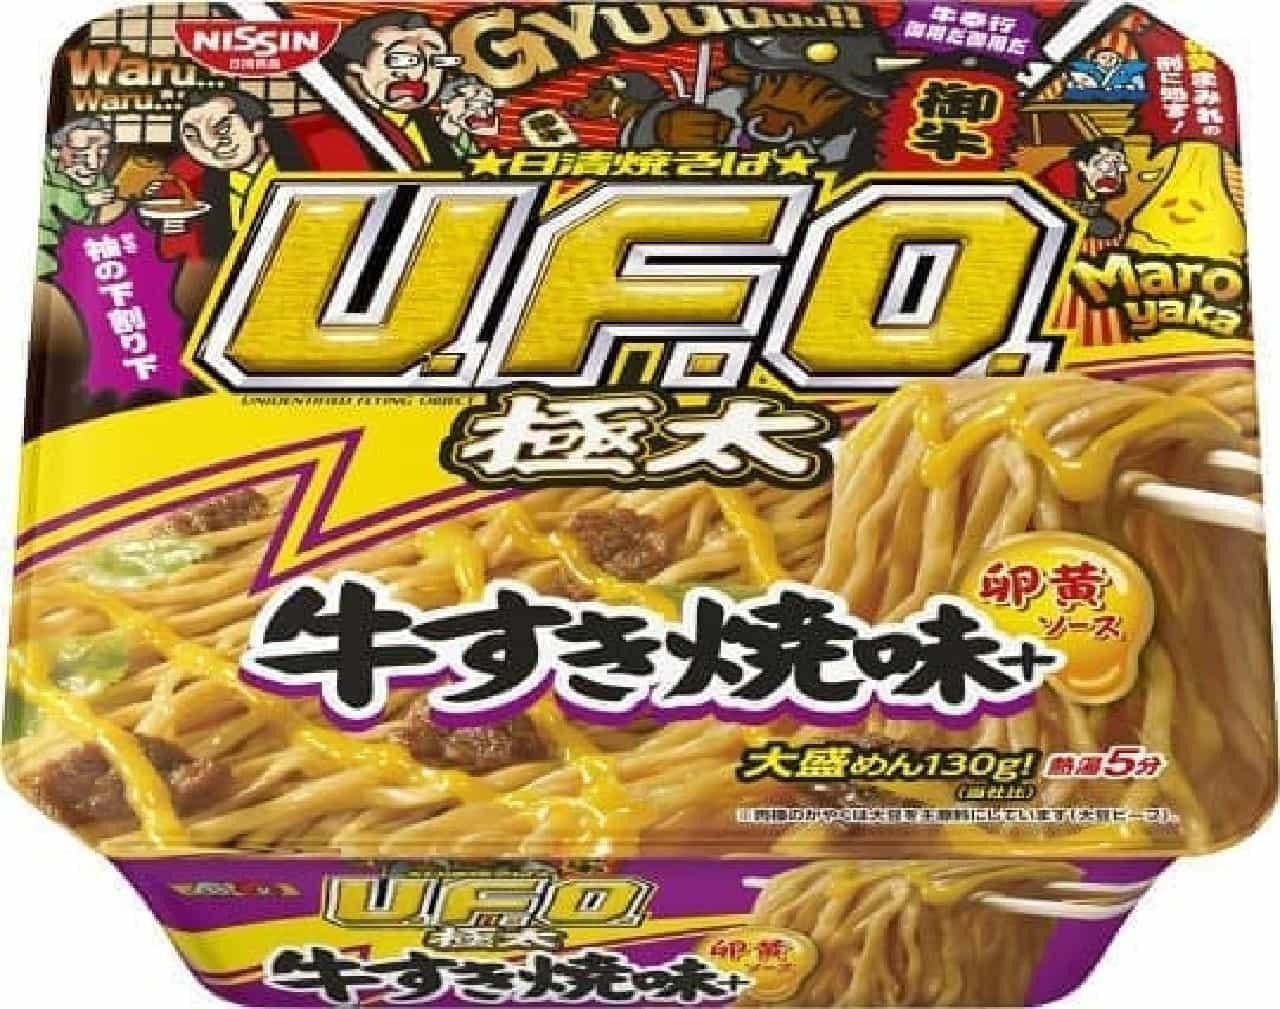 日清食品「日清焼そばU.F.O.ビッグ極太 牛すき焼味+卵黄ソース」